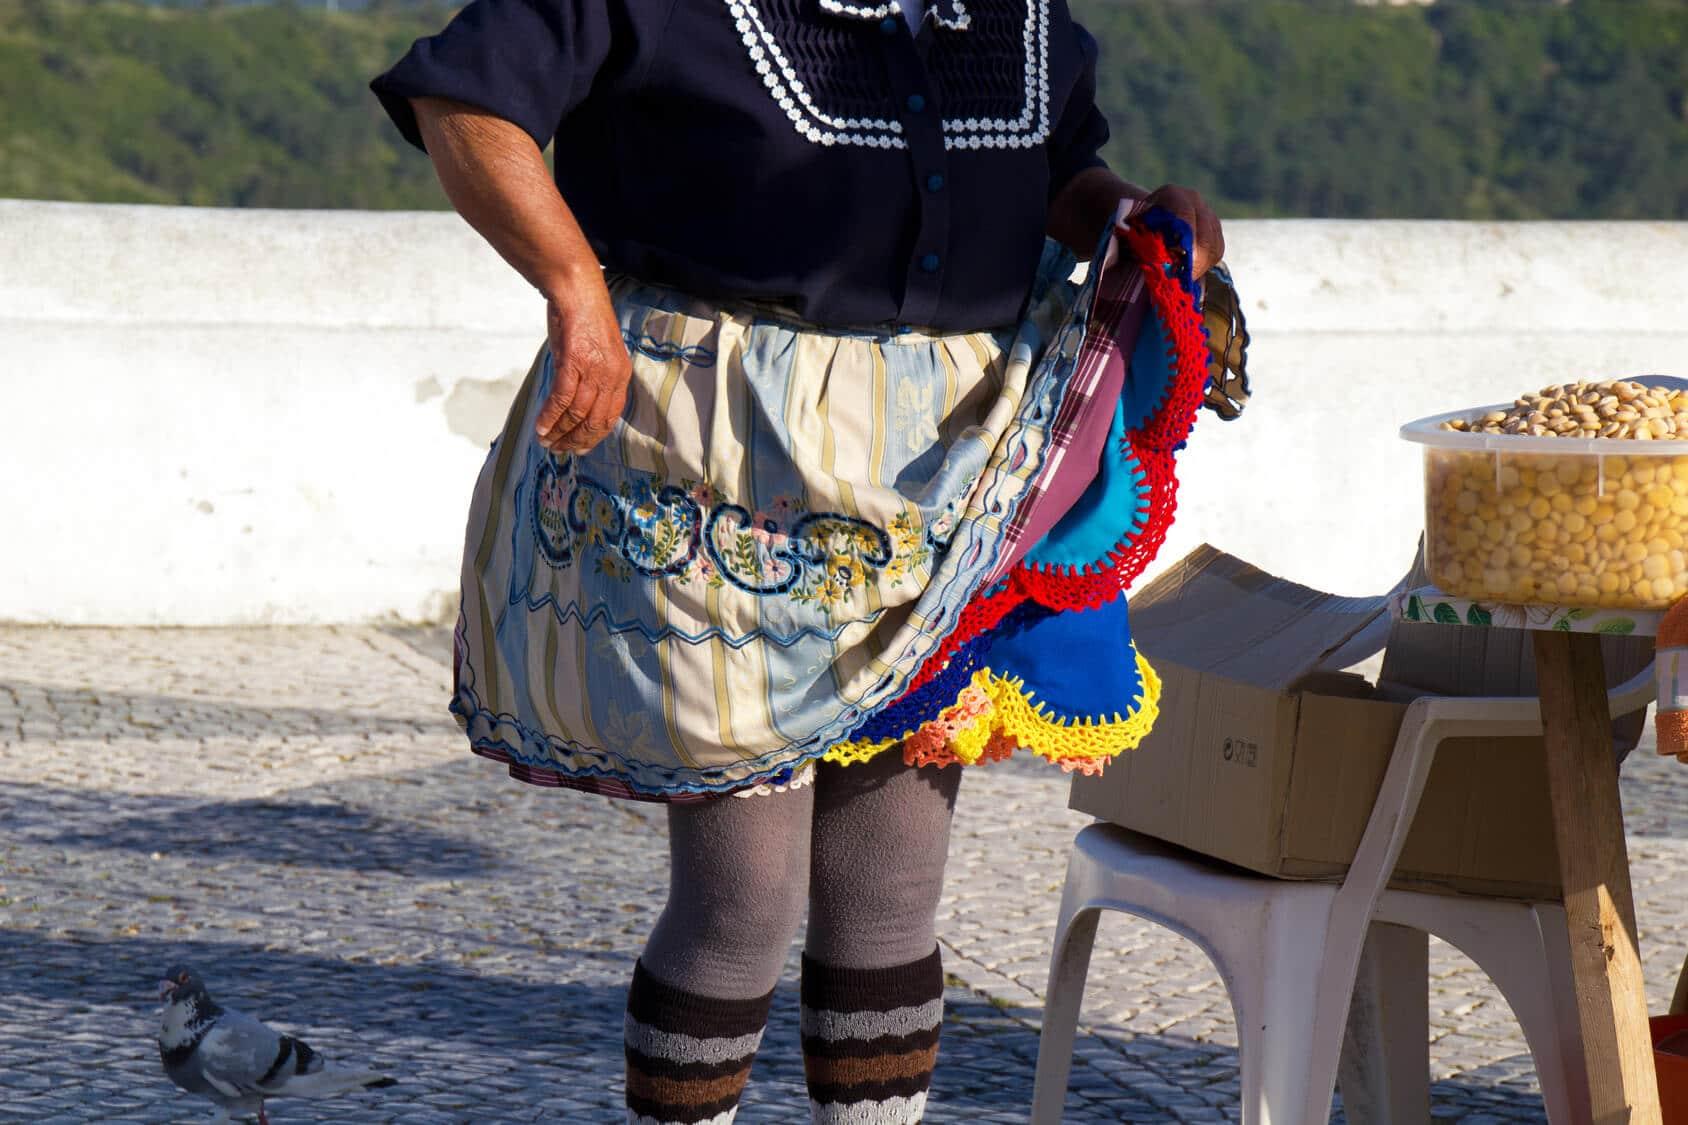 visitas guiadasVisitas Guiadas Fátima, Batalha, Nazaré e Óbidos - Roupa Típica fatima